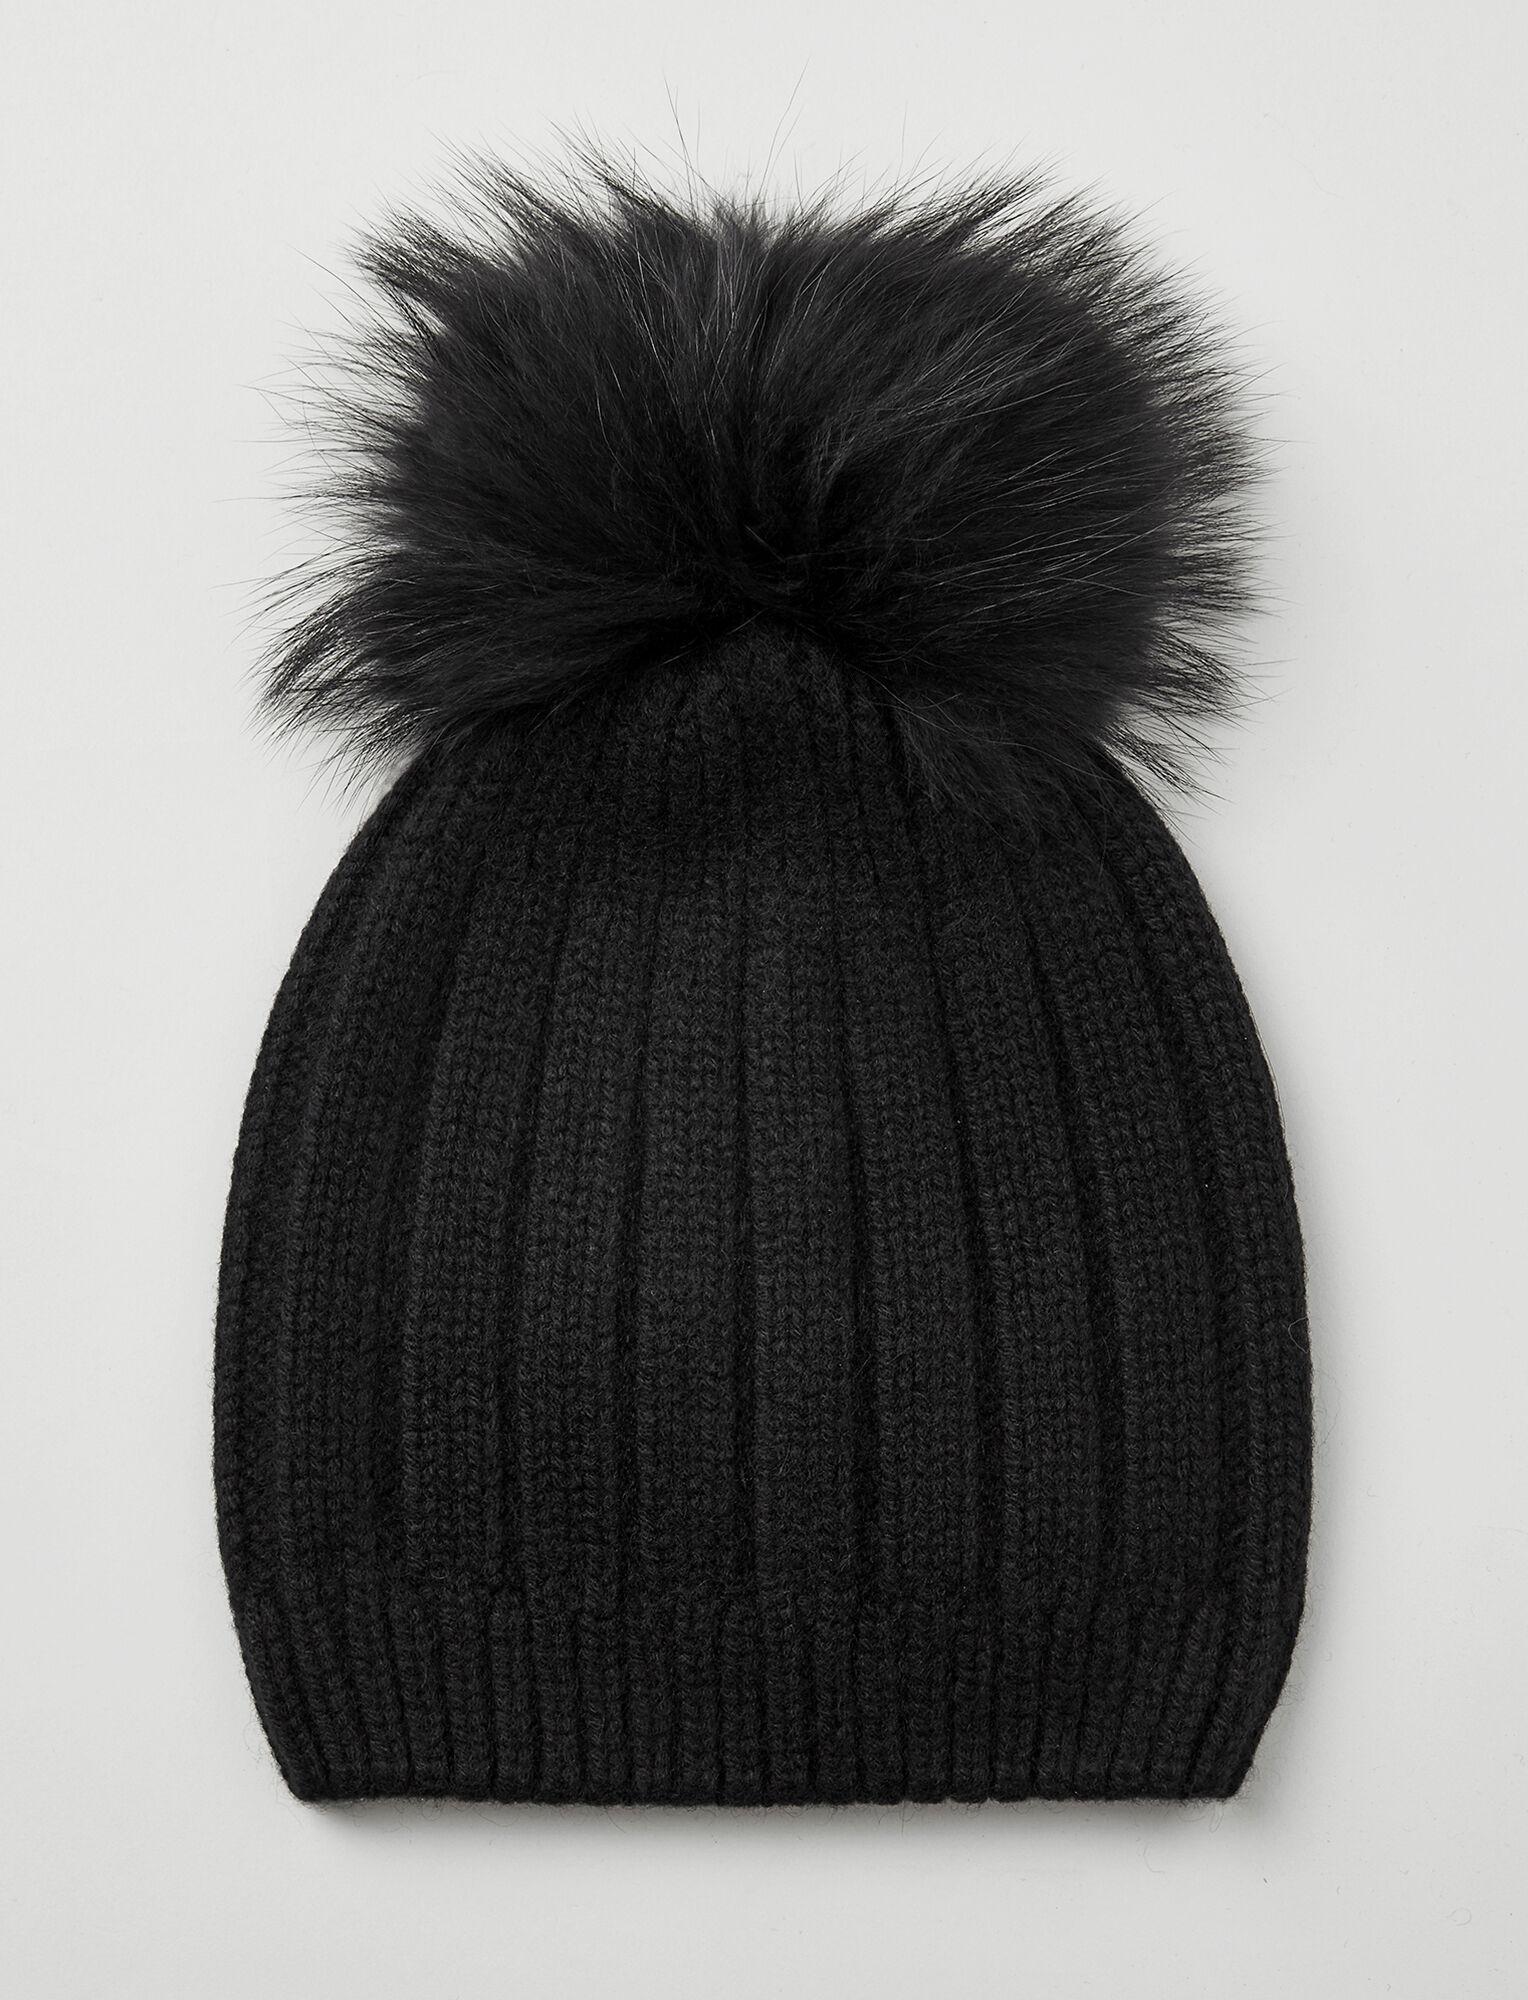 beanie hat - Black Joseph iwHEWqq9